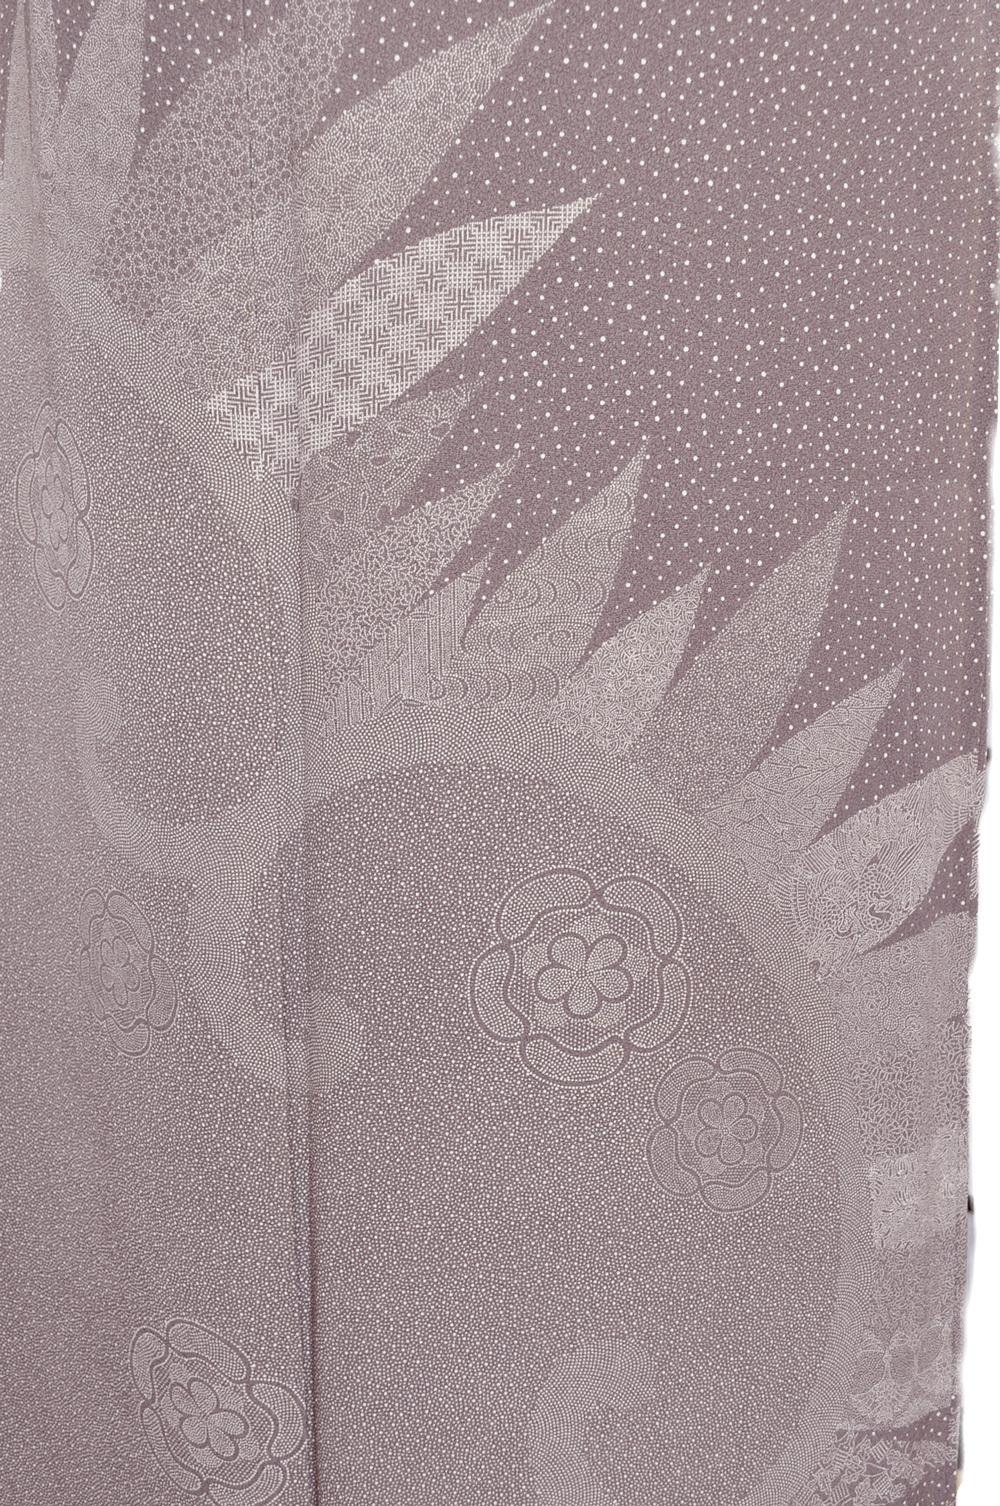 ワイドサイズ(2L)■訪問着レンタル■紫系グレーにたたきhuwide3〔往復送料無料] - 画像4